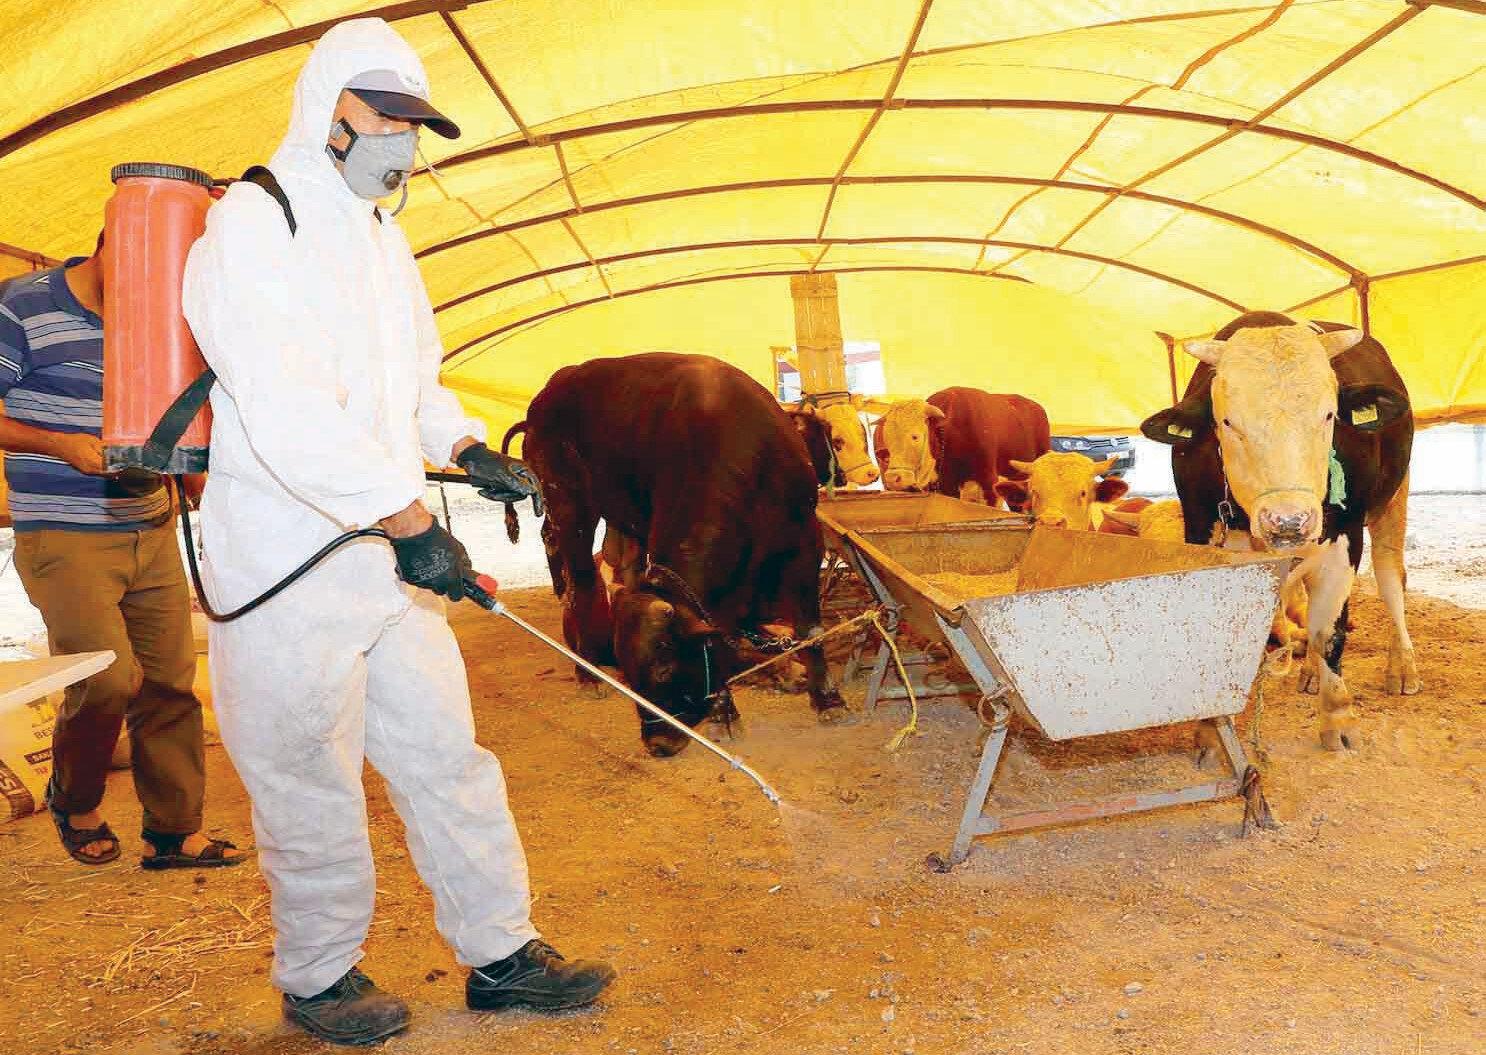 Büyükşehir Belediyesi, kurban kesim ve satış alanlarında veterinerlik hizmeti de verecek. Ayrıca tüm hayvan satış ve kesim alanlarında koronavirüs tedbirleri kapsamında ilaçlamalar yapıldı.